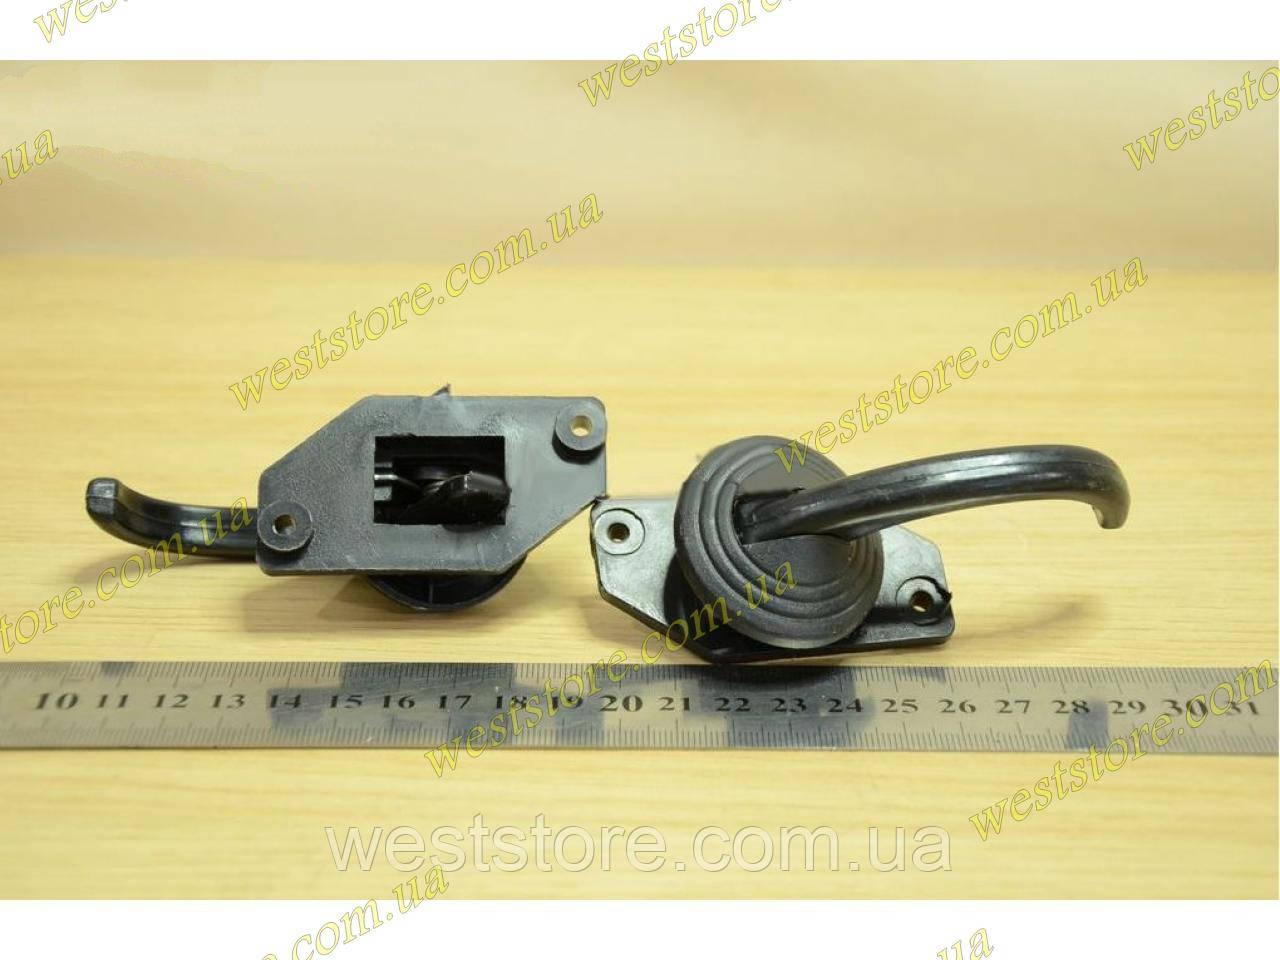 Ручка двери Ваз 2101 2102 2103 2104 2105 2106 2107 внутренняя (крючок) пластиковая